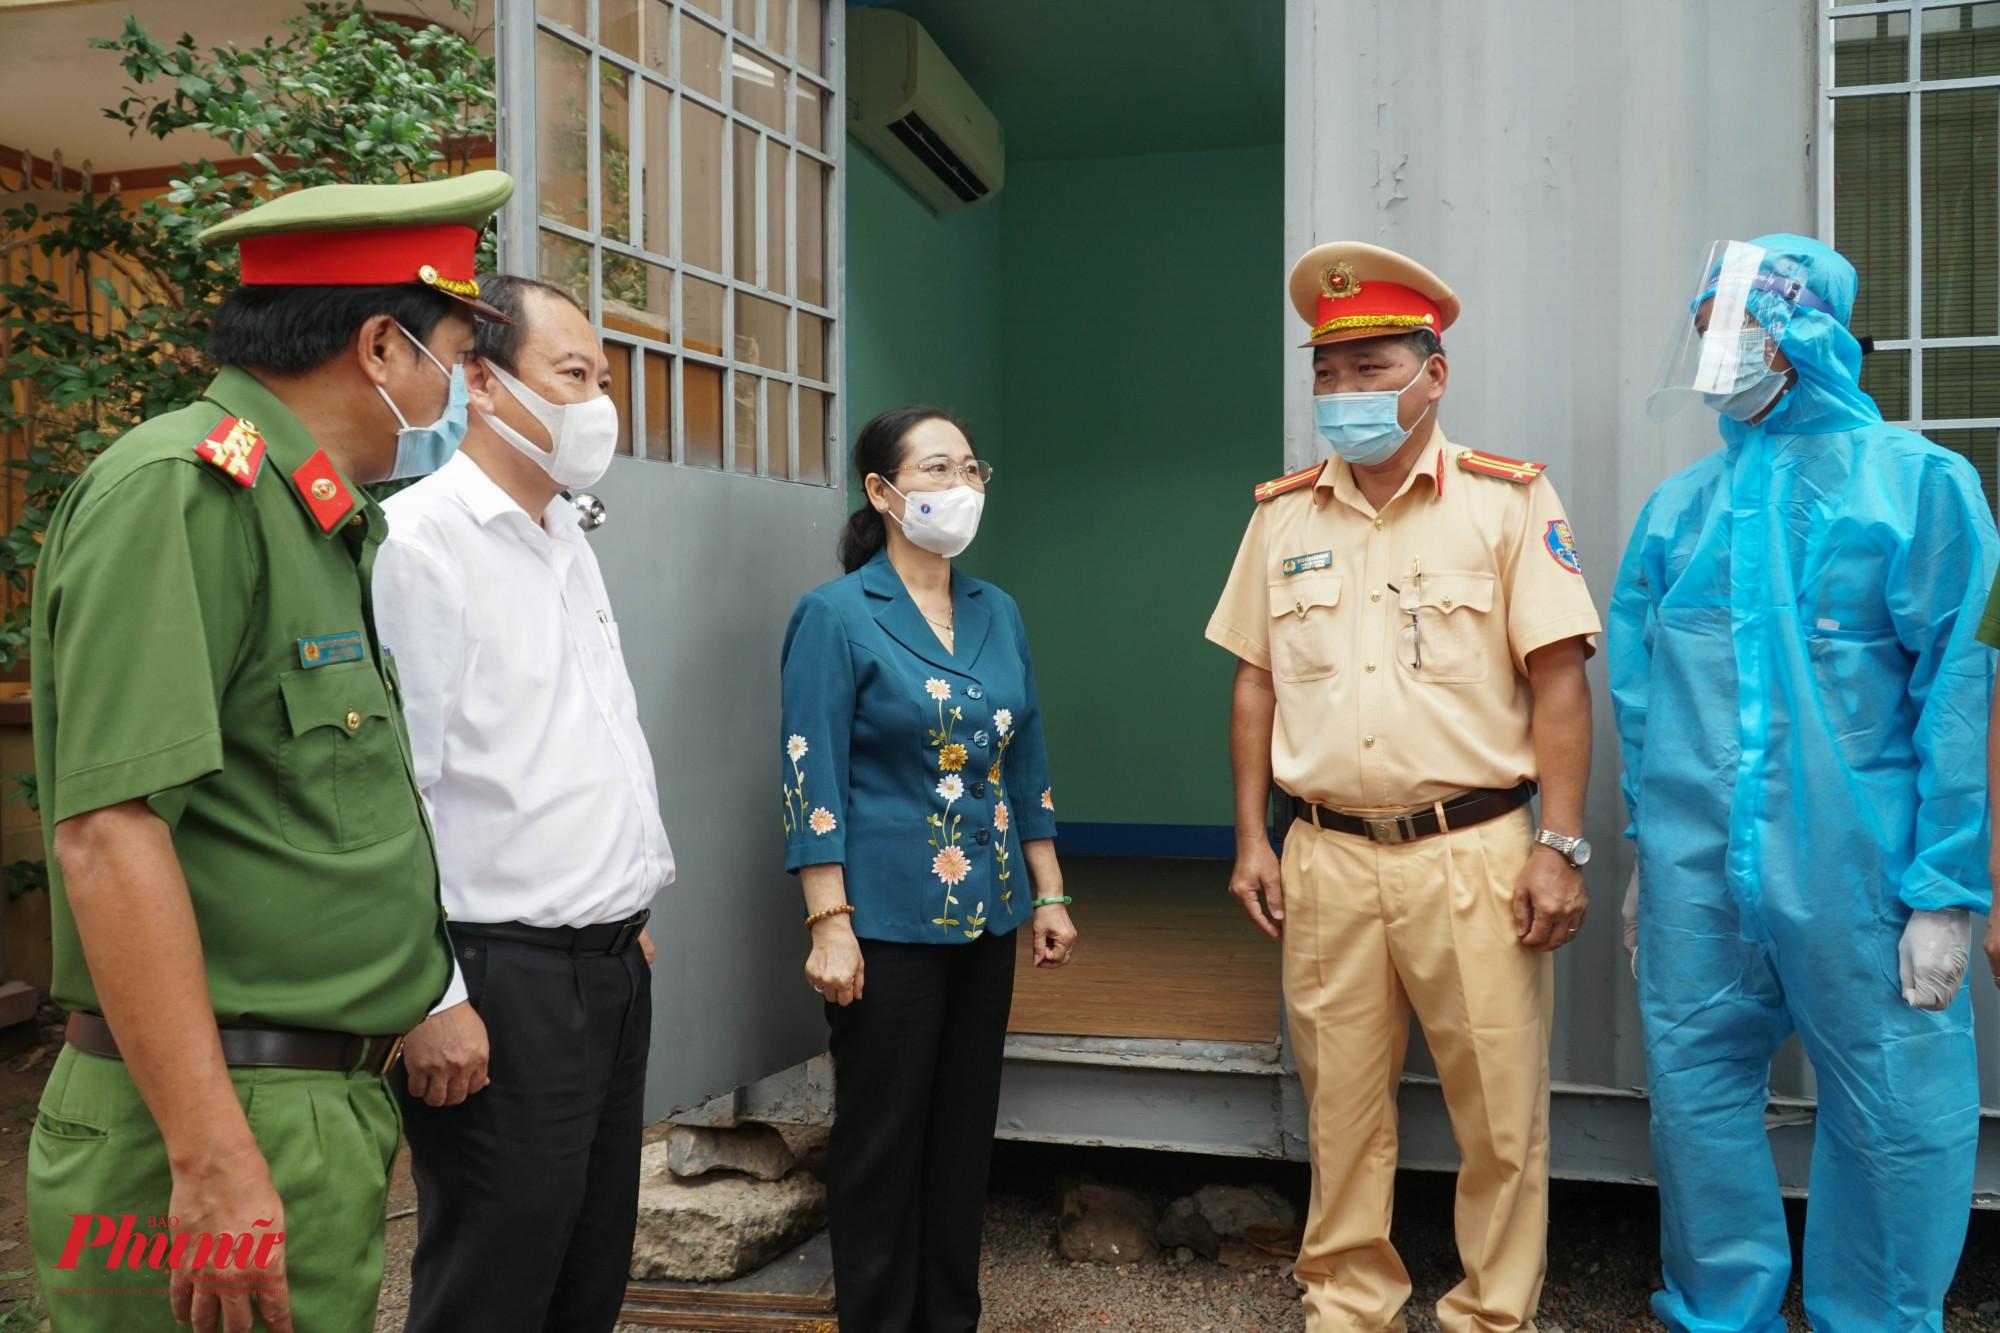 Chủ tịch HĐND Thành phố Nguyễn Thị Lệ yêu cầu trưởng chốt quan tâm nhiều hơn đến sức khỏe và động viên tinh thần anh em lực lượng hoàn thành tốt nhiệm vụ được giao